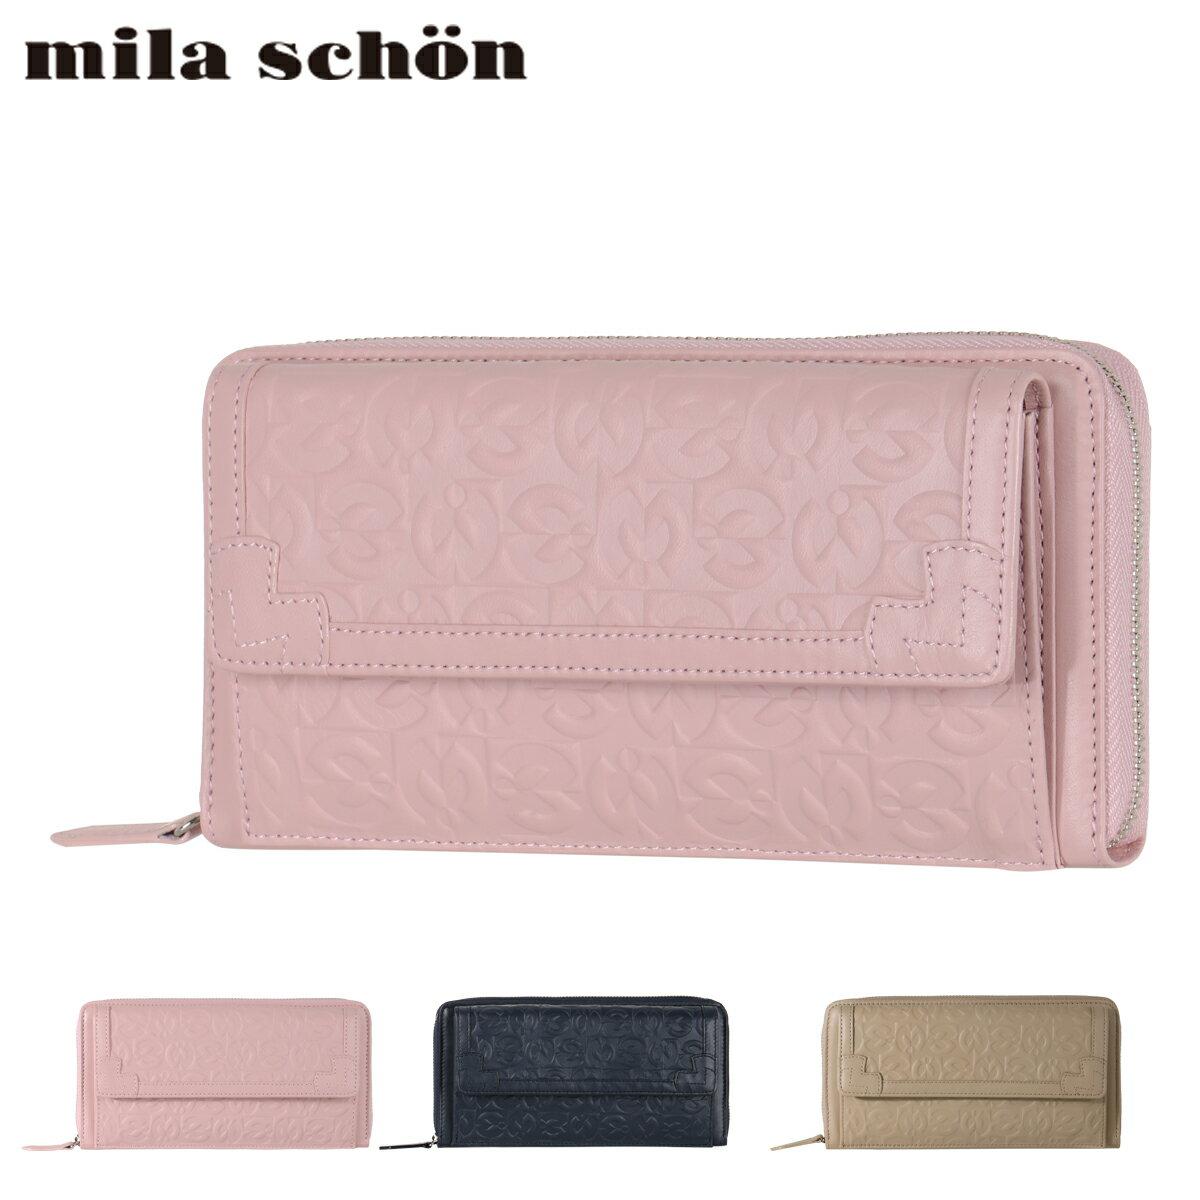 財布・ケース, レディース財布  MSK-006 Mila Schon BOXPO10bef